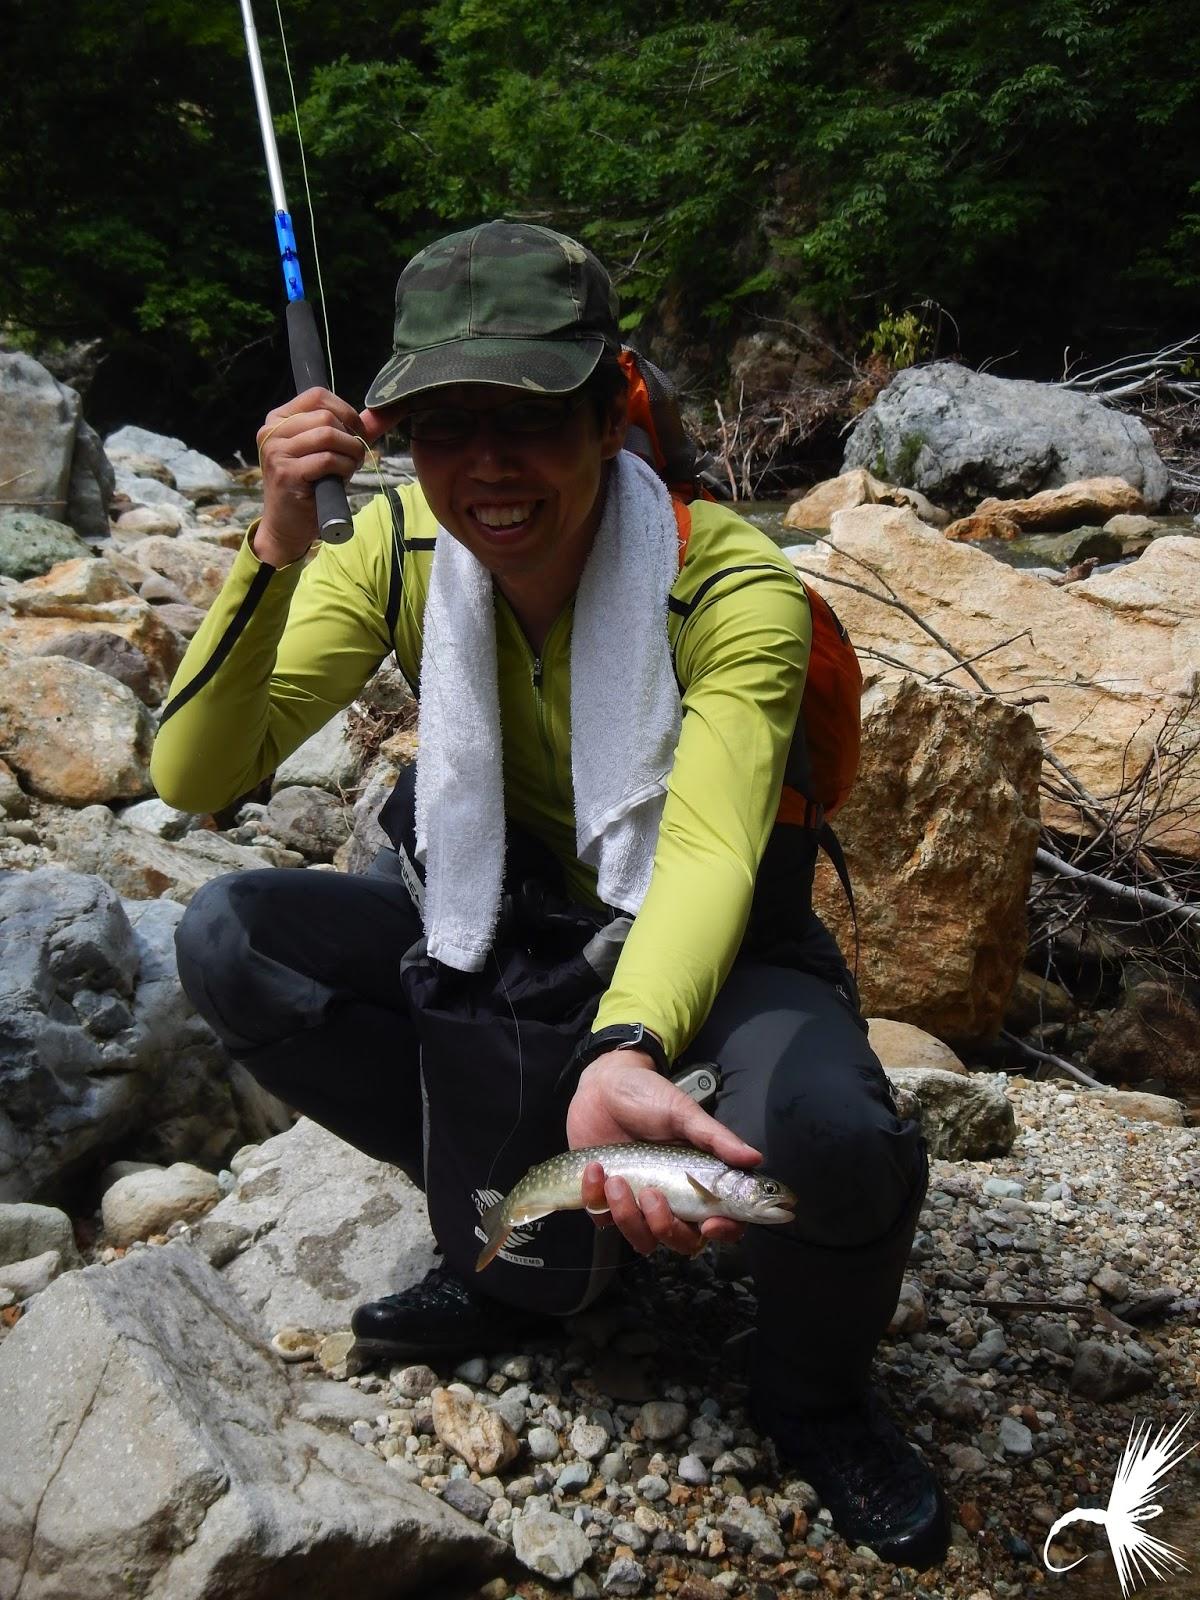 Les secrets de la chasse dans la pêche russe 3